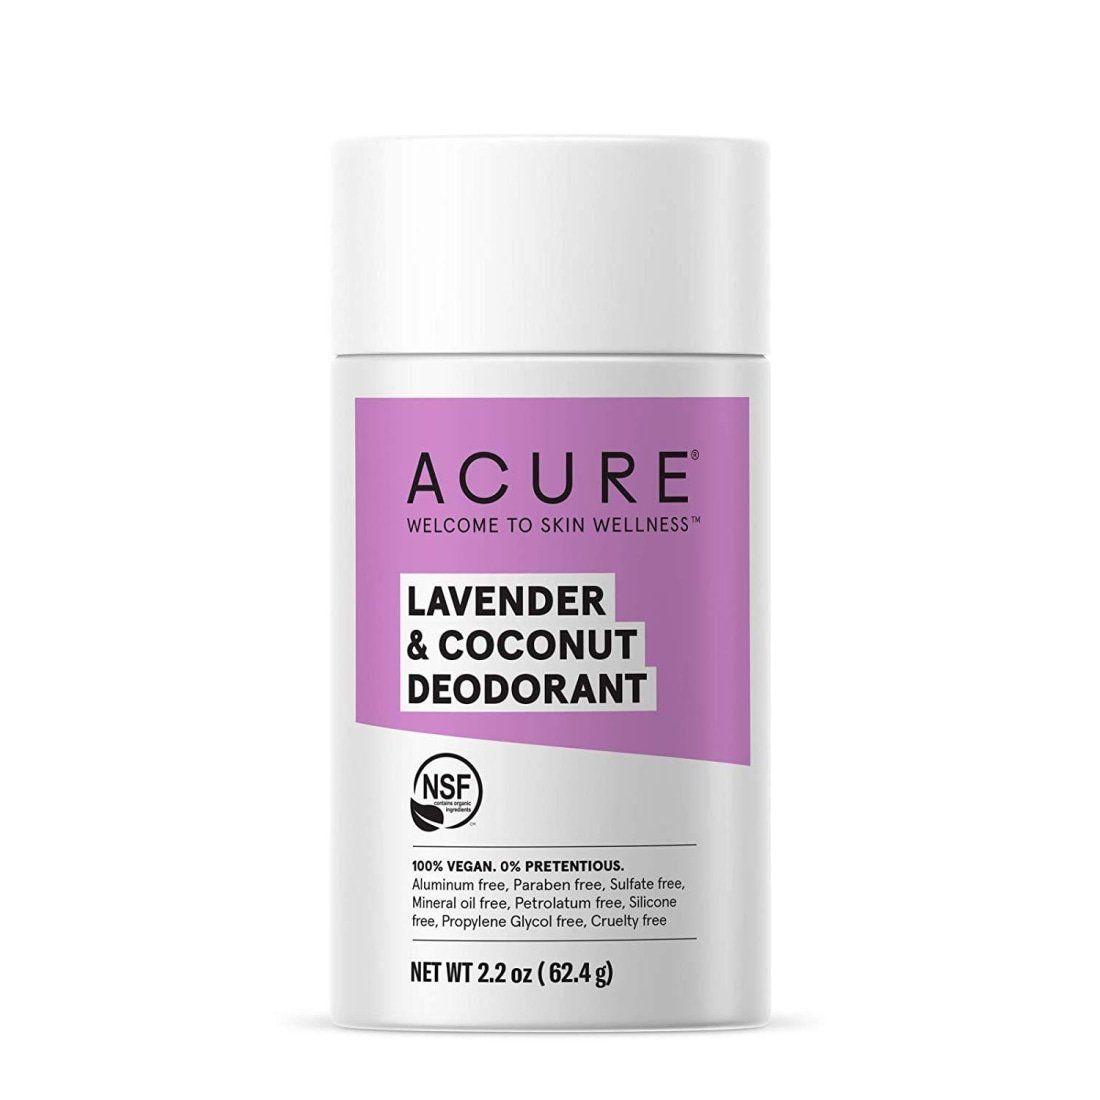 Acure Deodorant, Lavender & Coconut